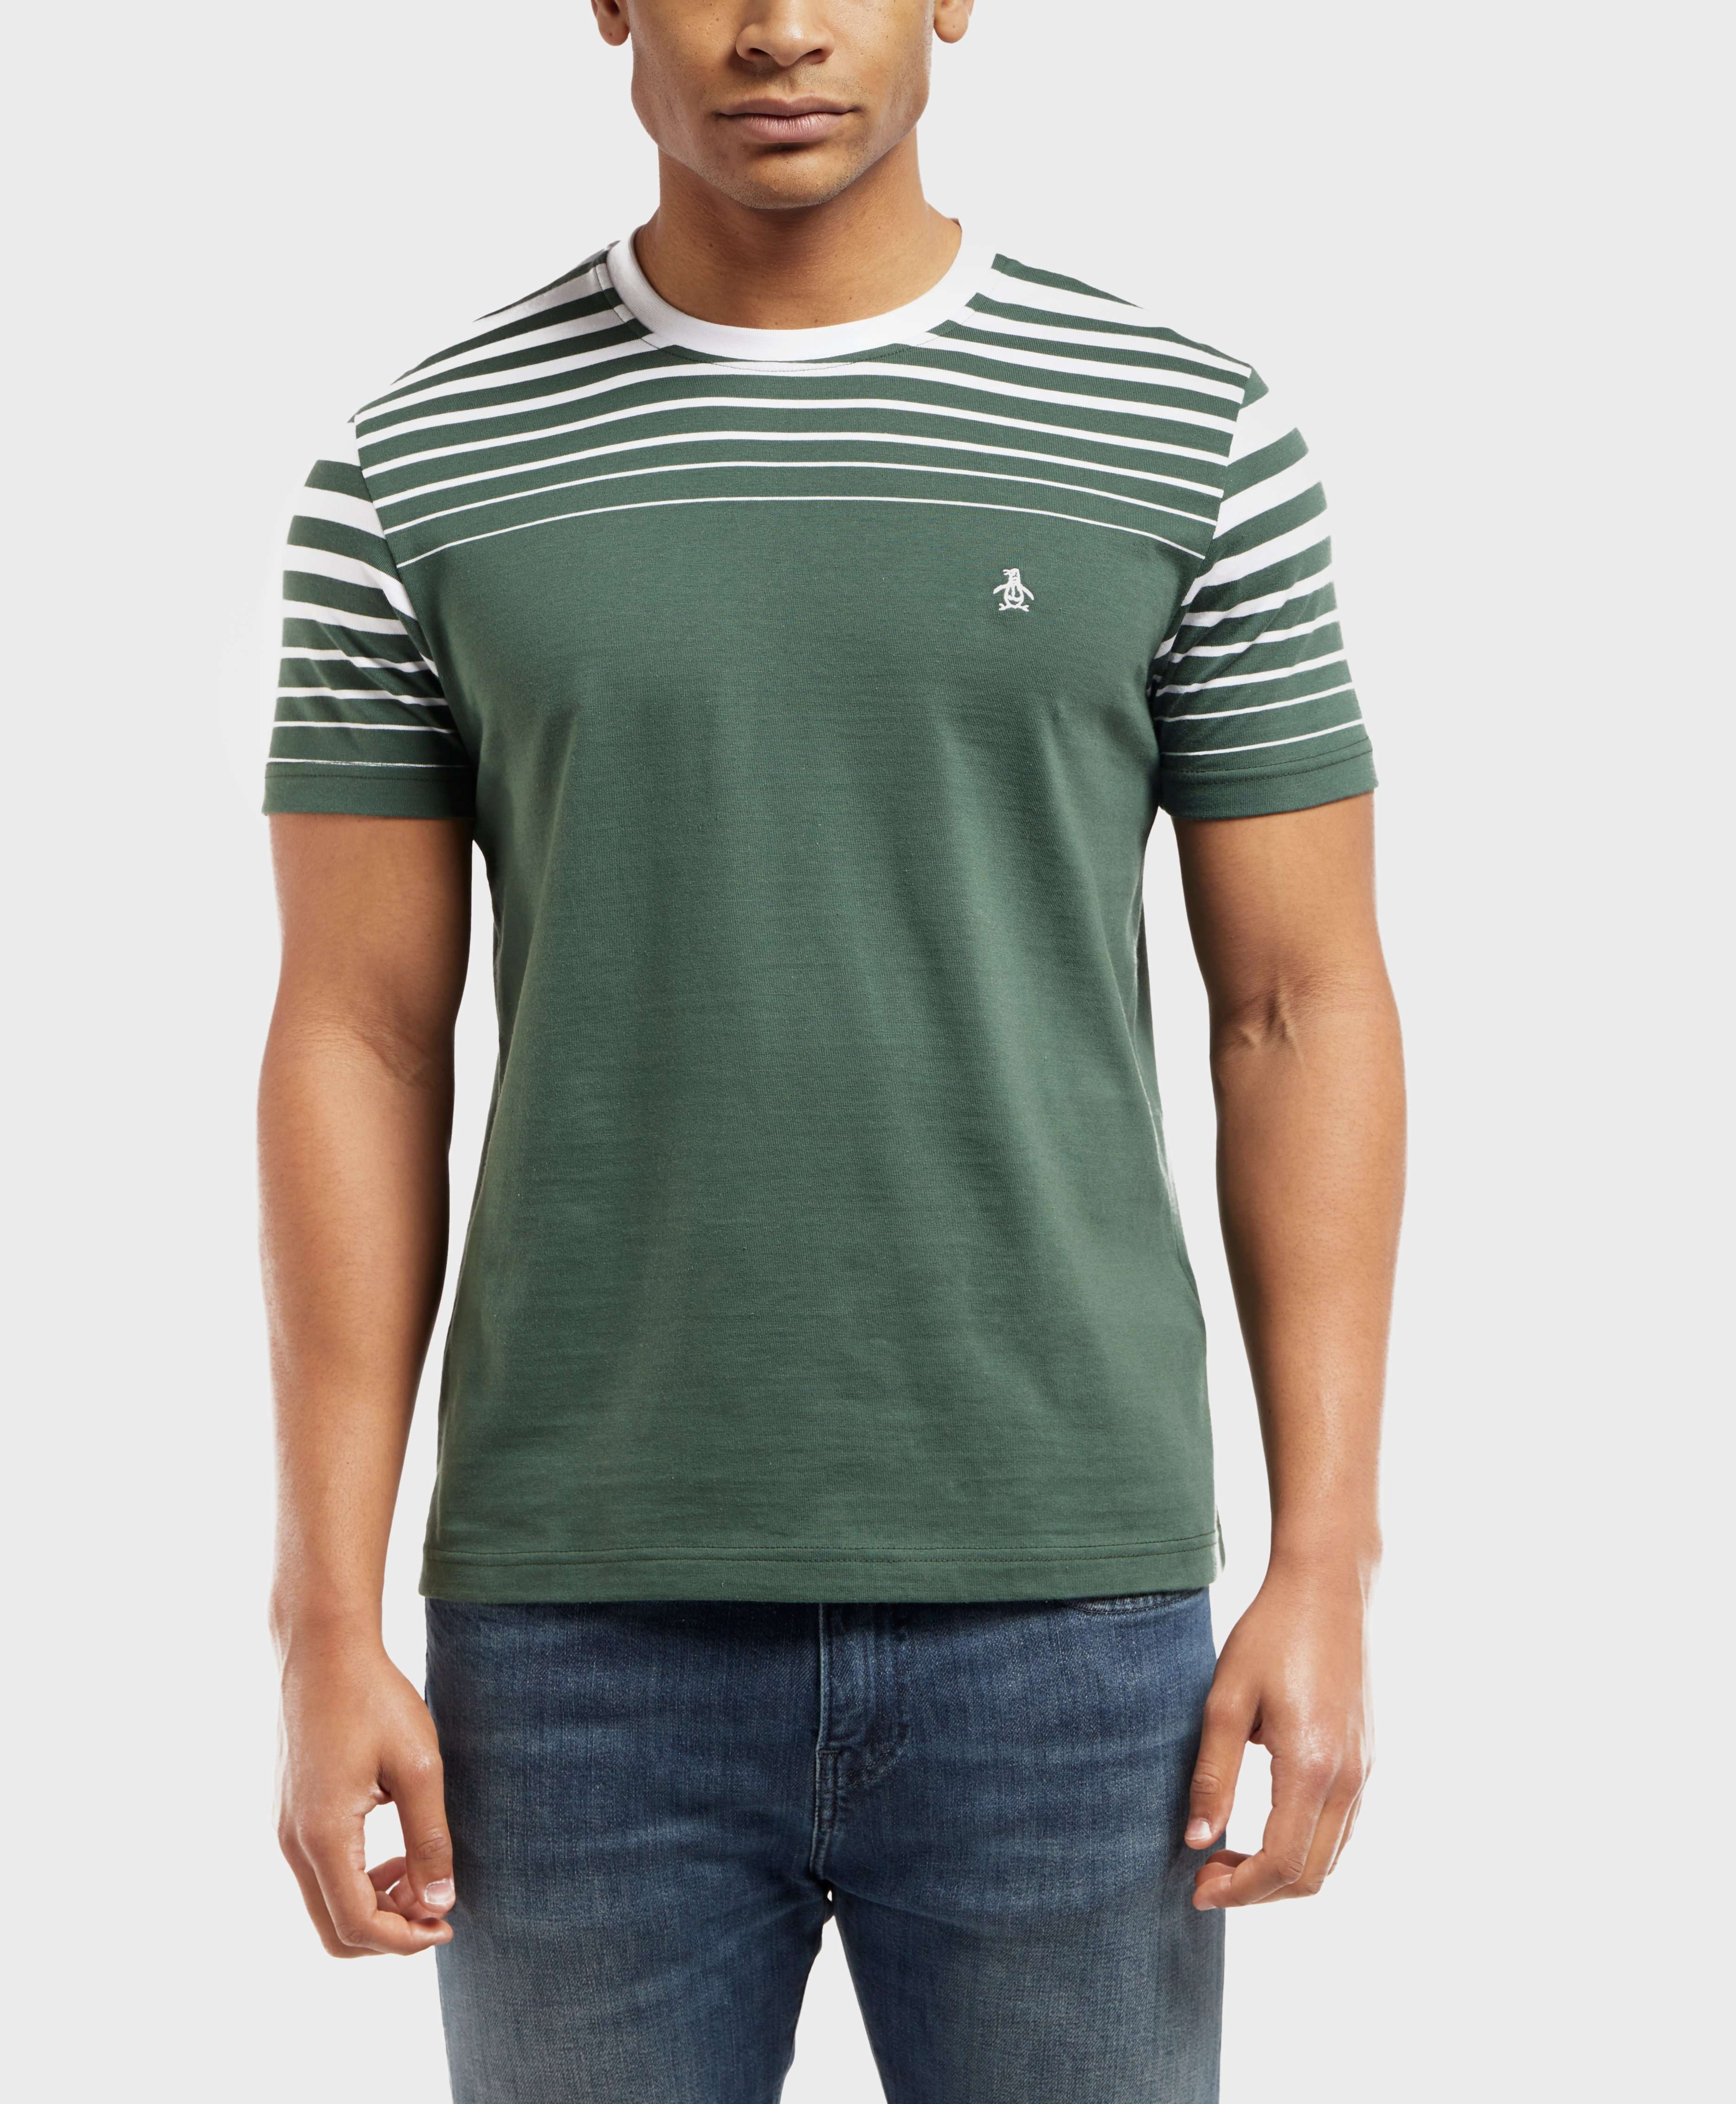 Original Penguin Split Stripe Short Sleeve T-Shirt